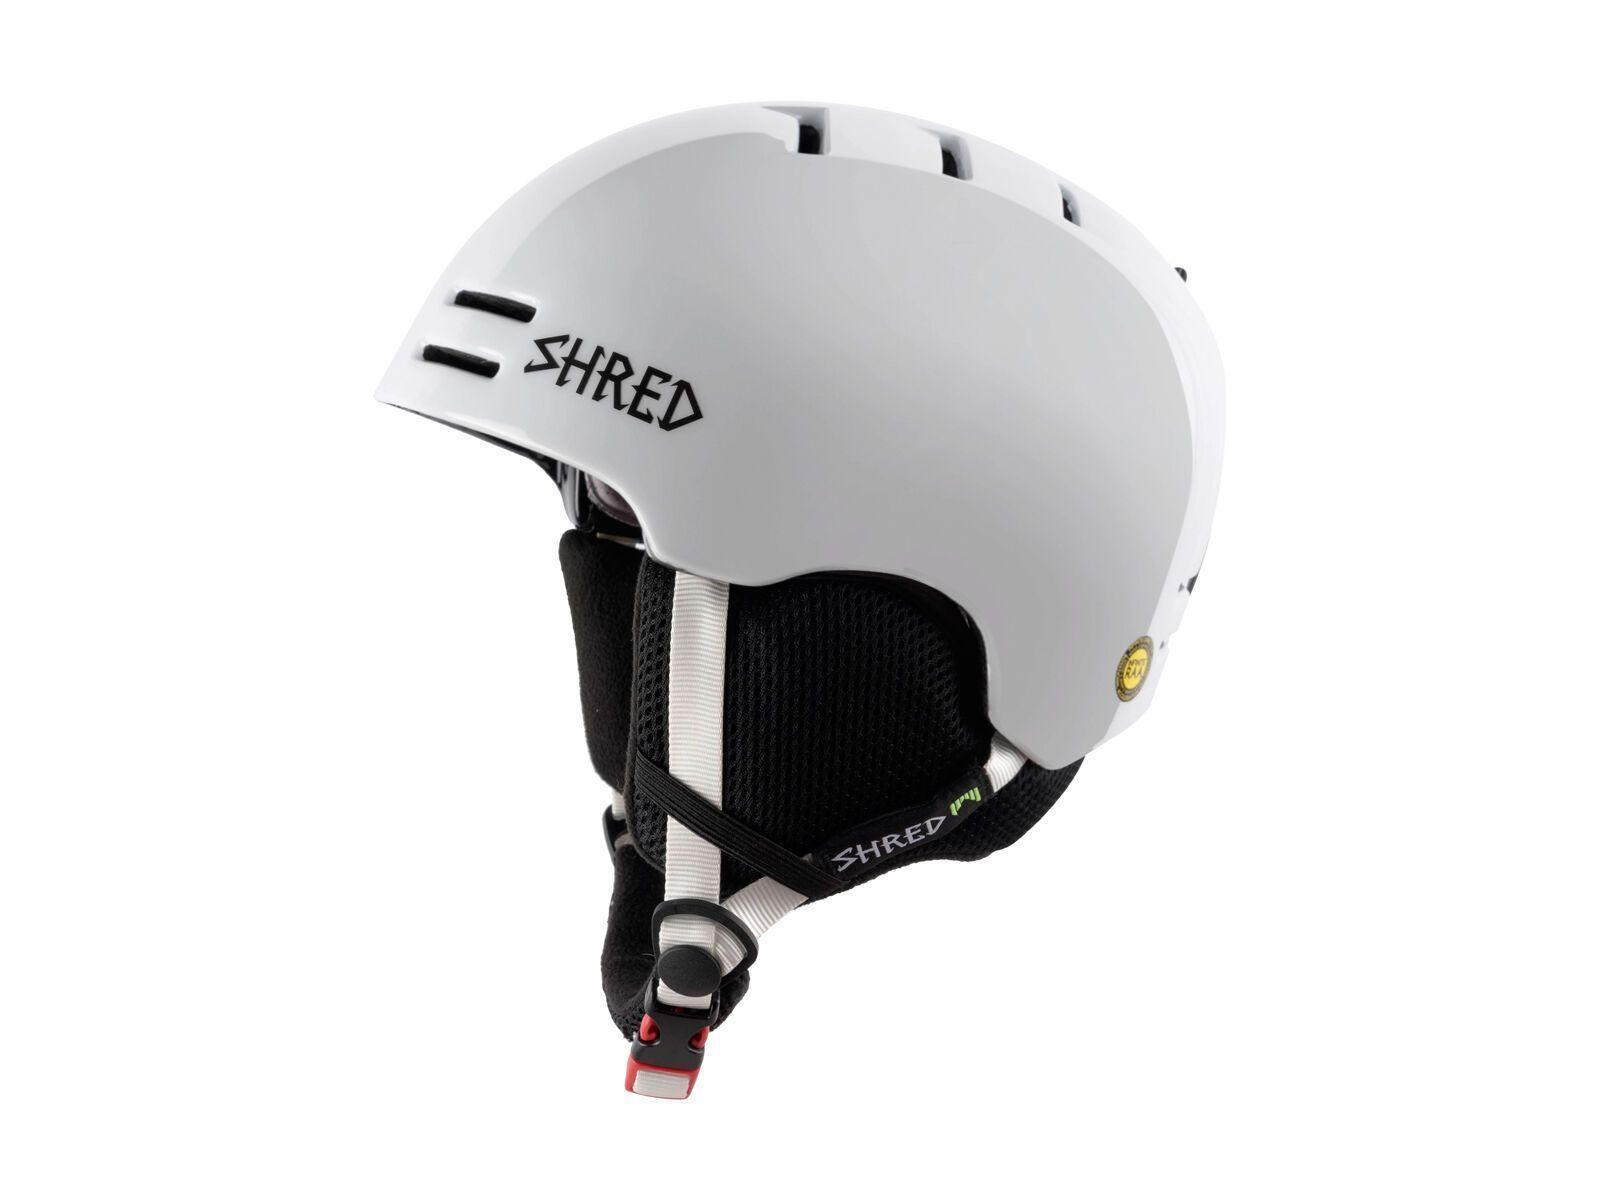 Shred Slam-Cap Base, whiteout - Skihelm, Größe S // 51.5-55.5 cm DHESLCH57-S